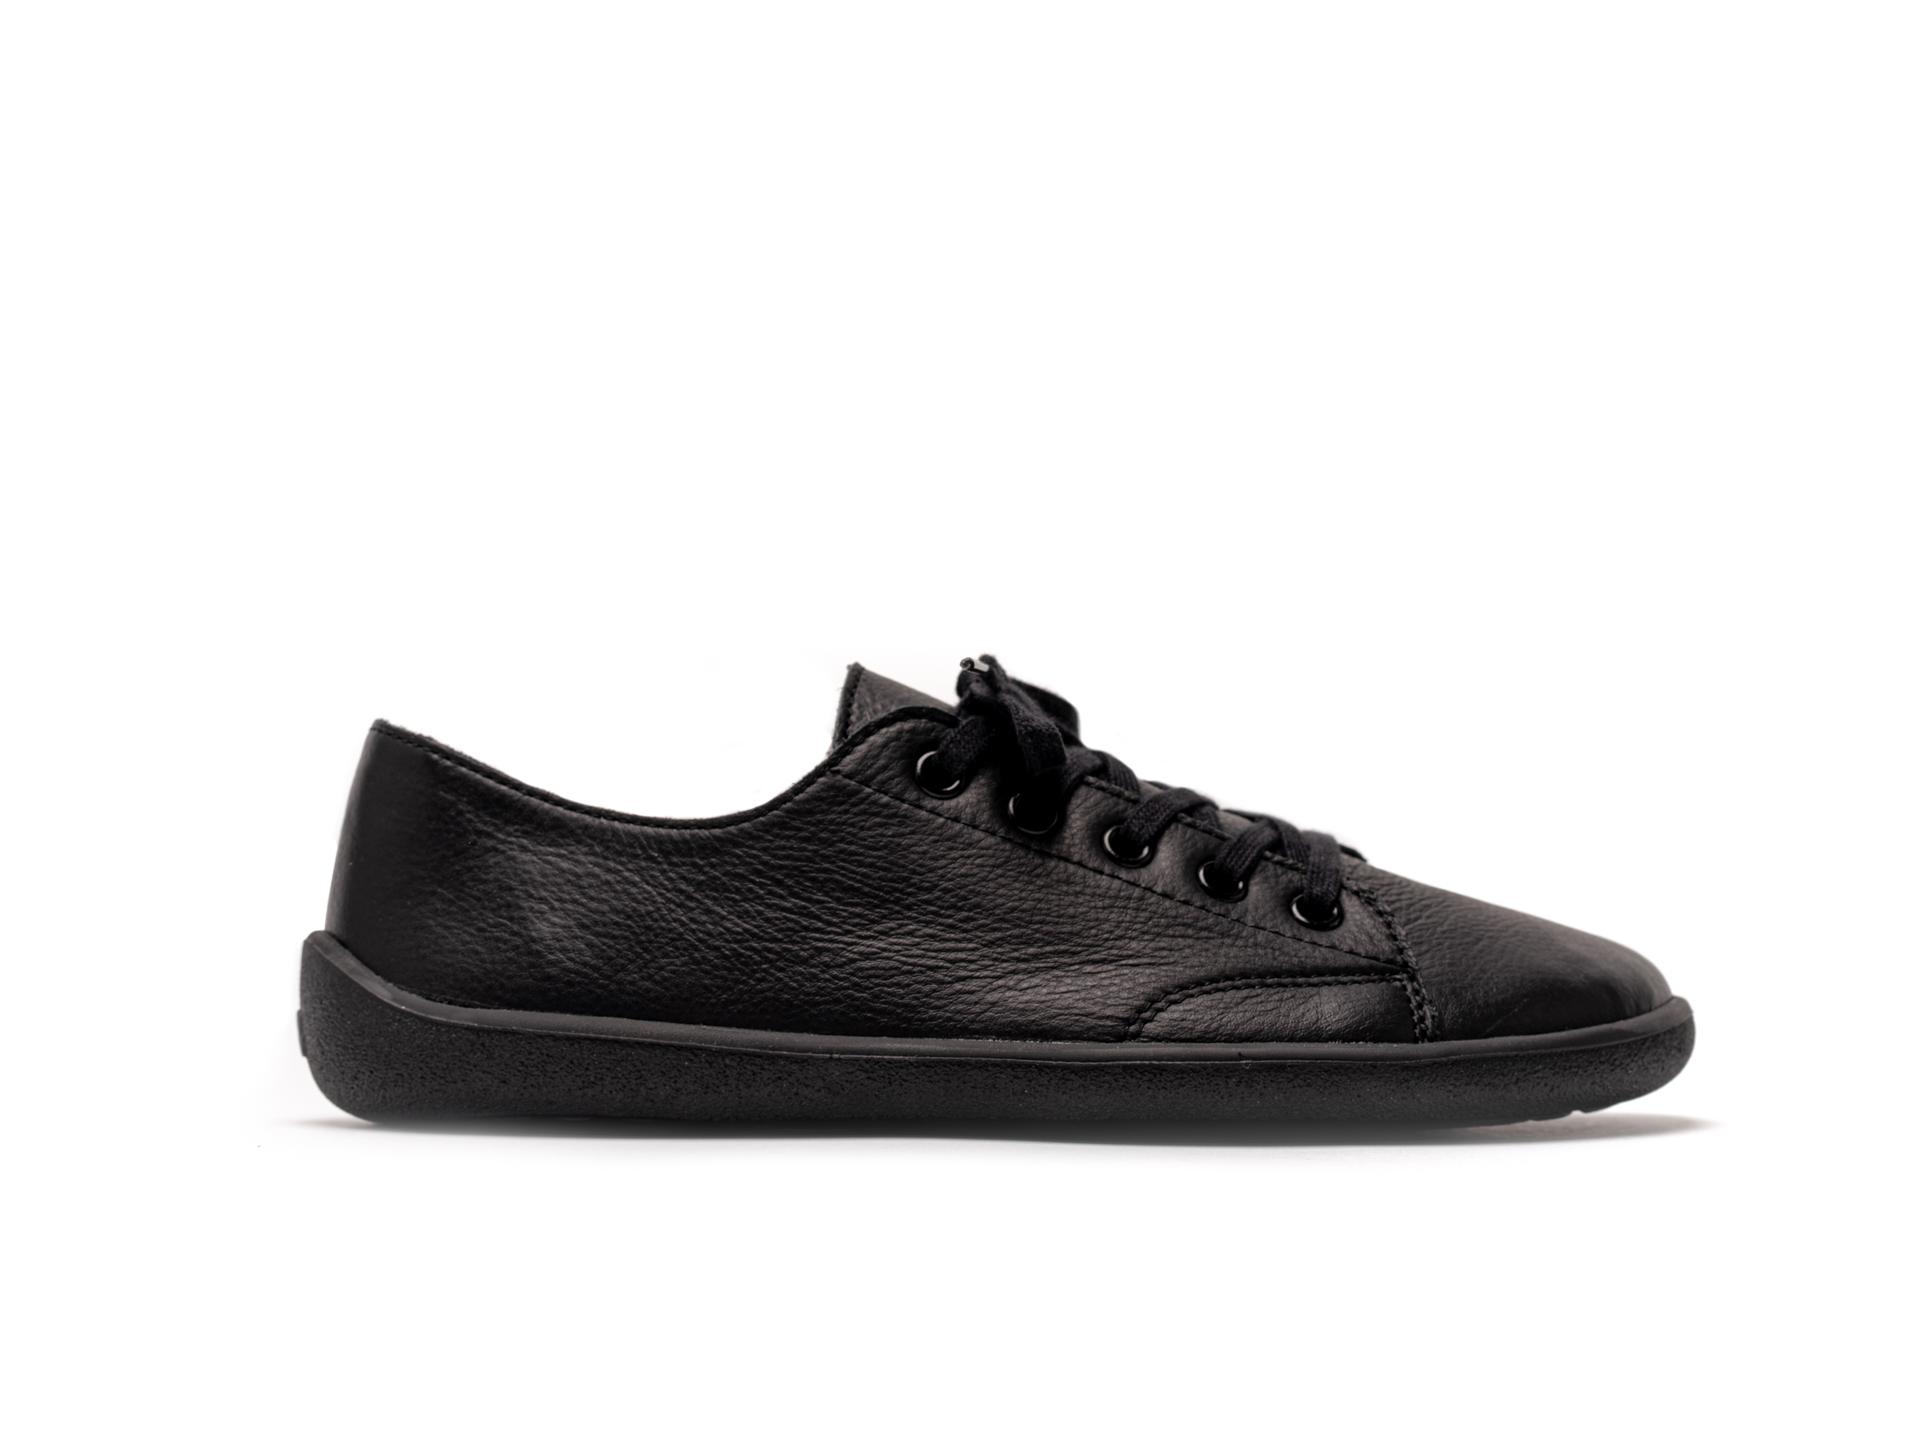 Barefoot Sneakers Be Lenka Prime - Black 44